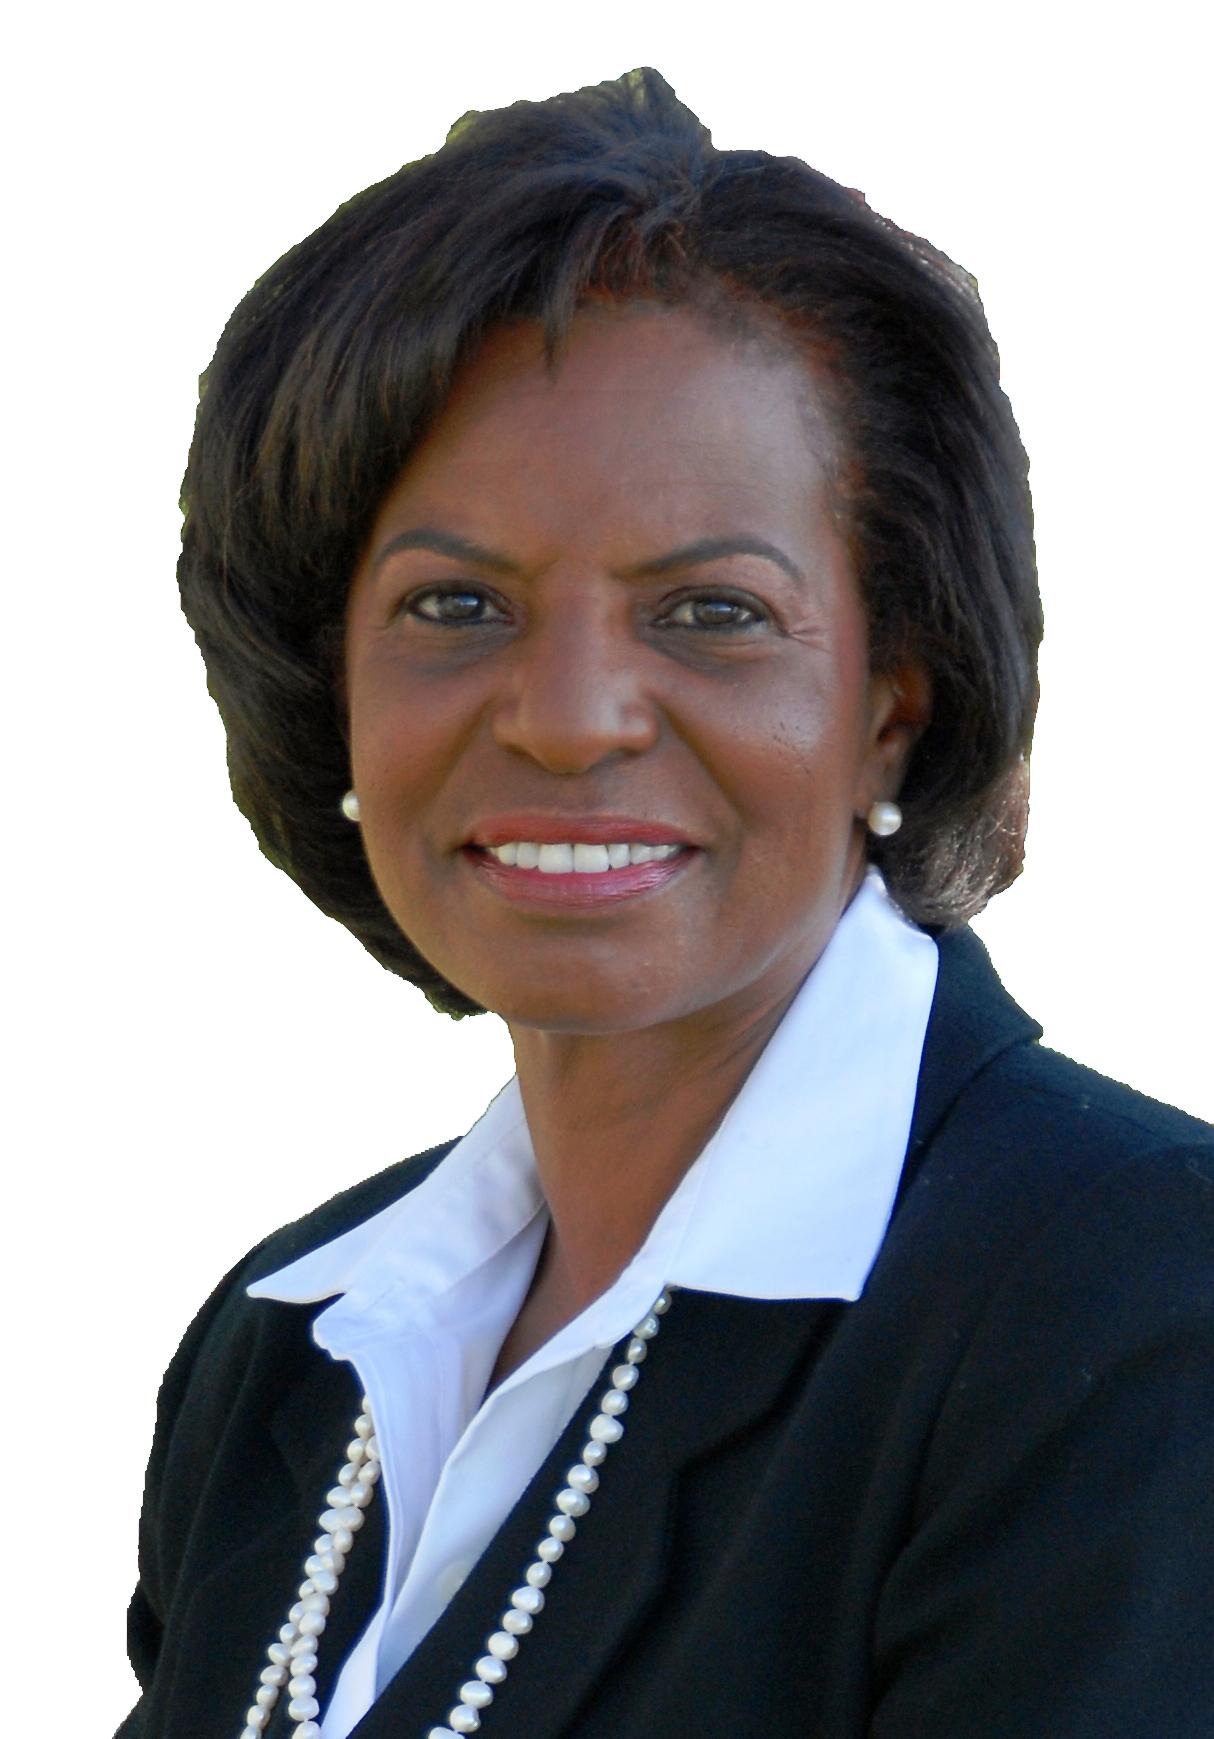 Valerie Nearon